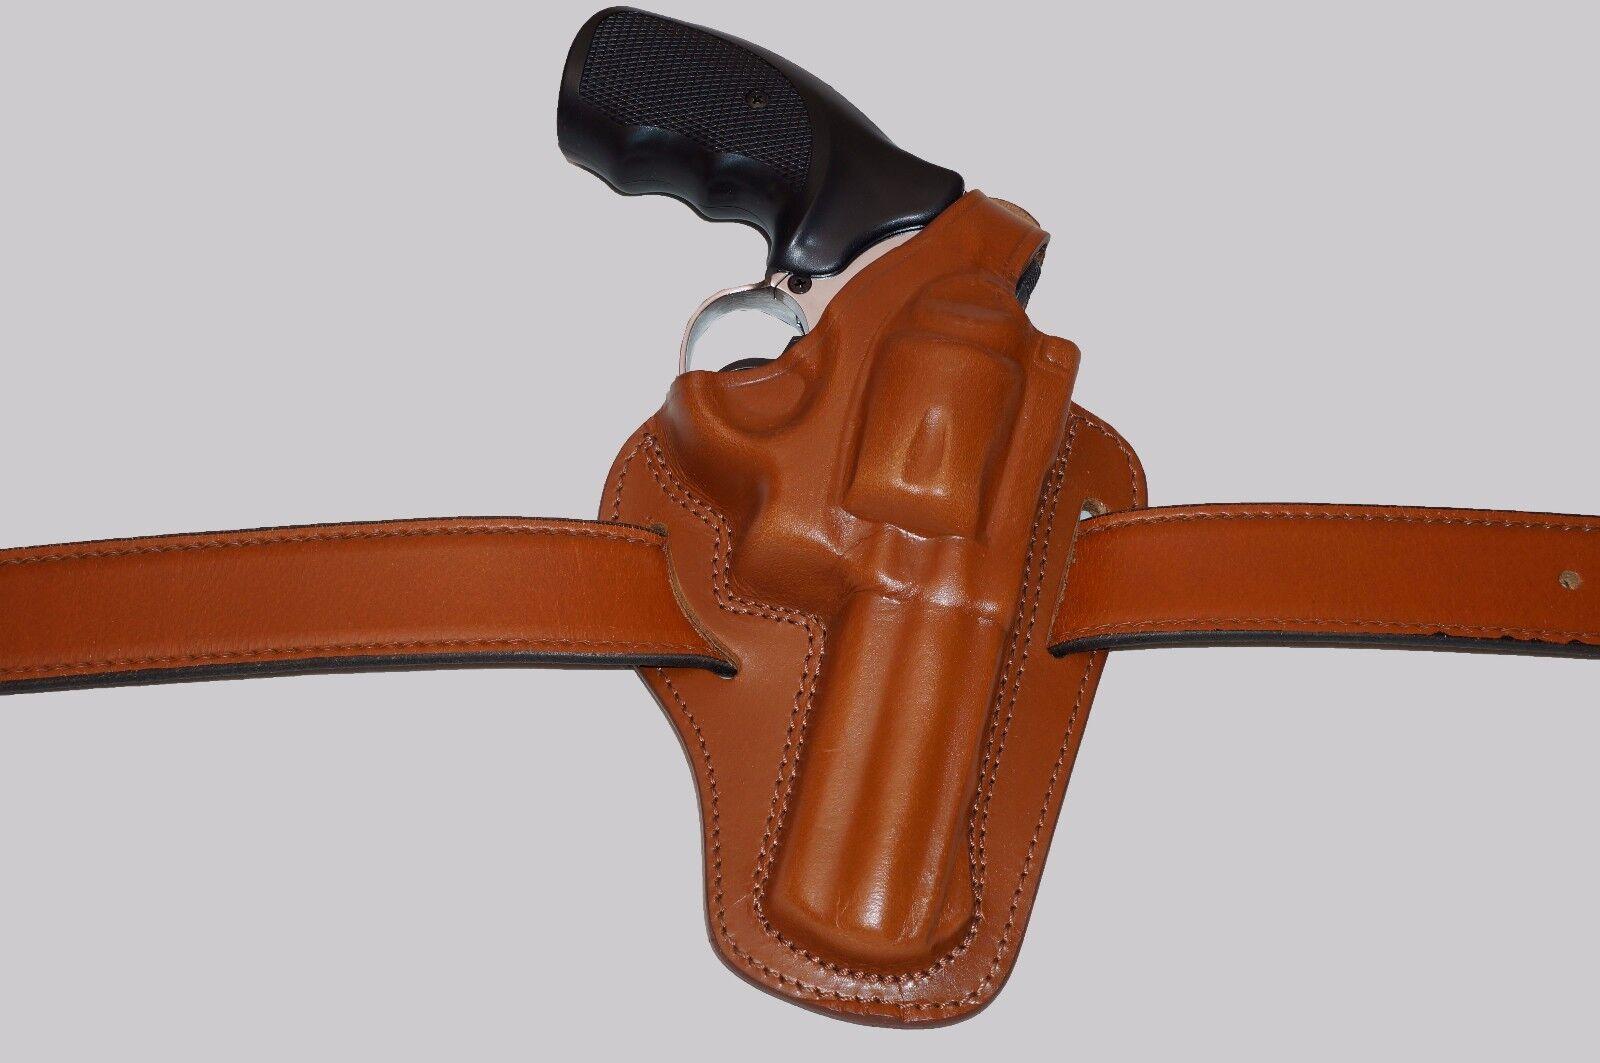 K305-357 Pancake Leather Holster Thumb Break For 357 Magnum